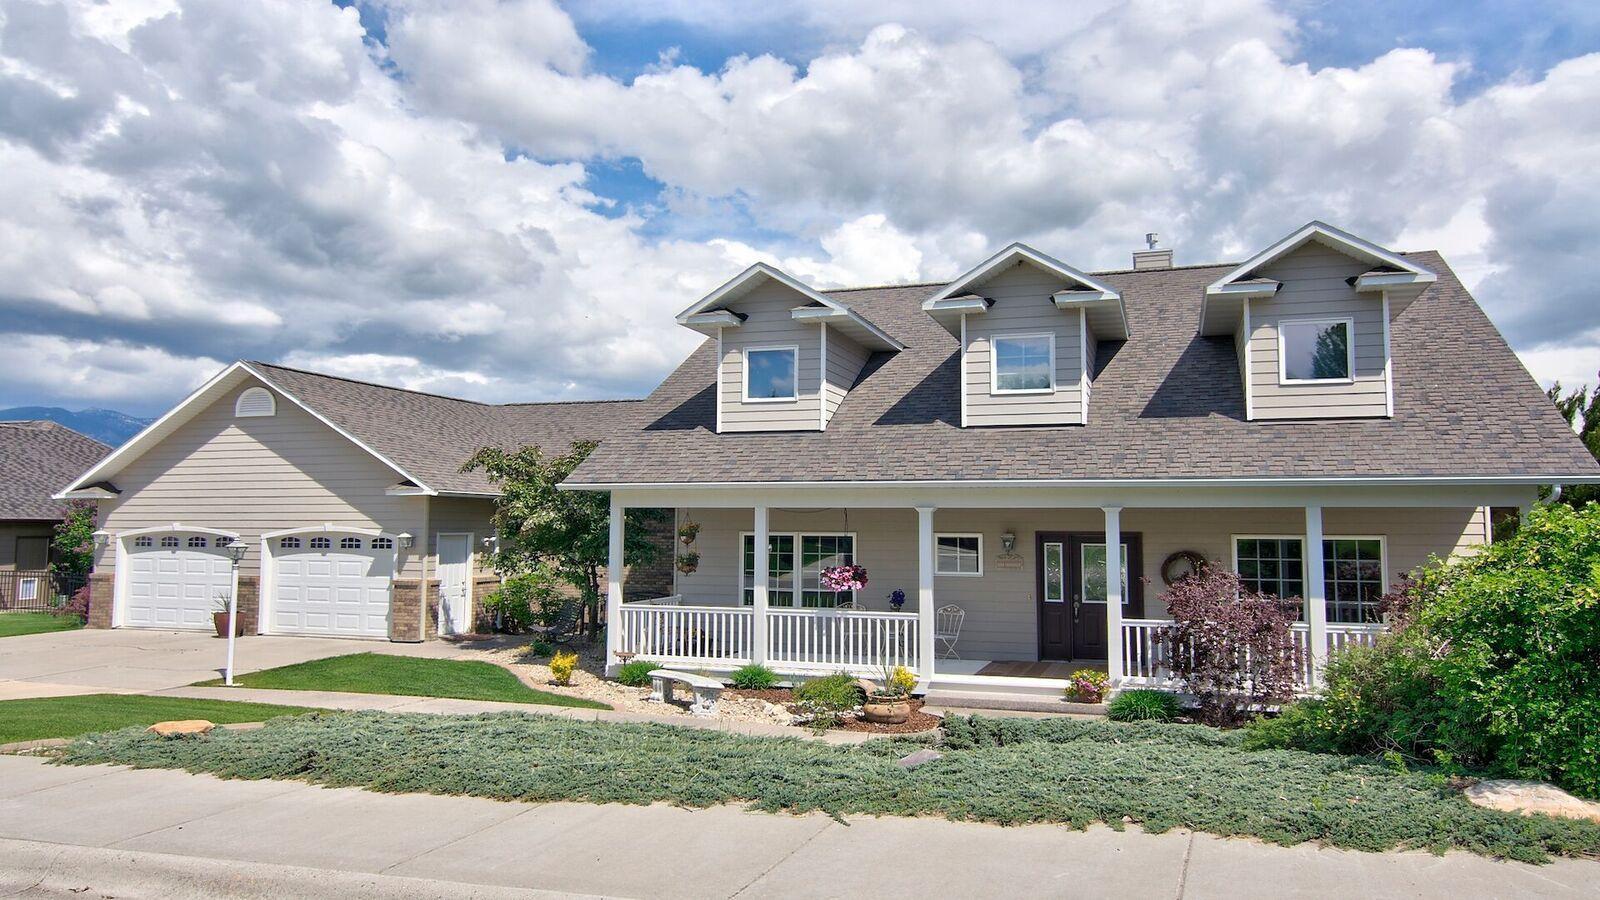 5744 Prospect Drive, Missoula, MT 59808